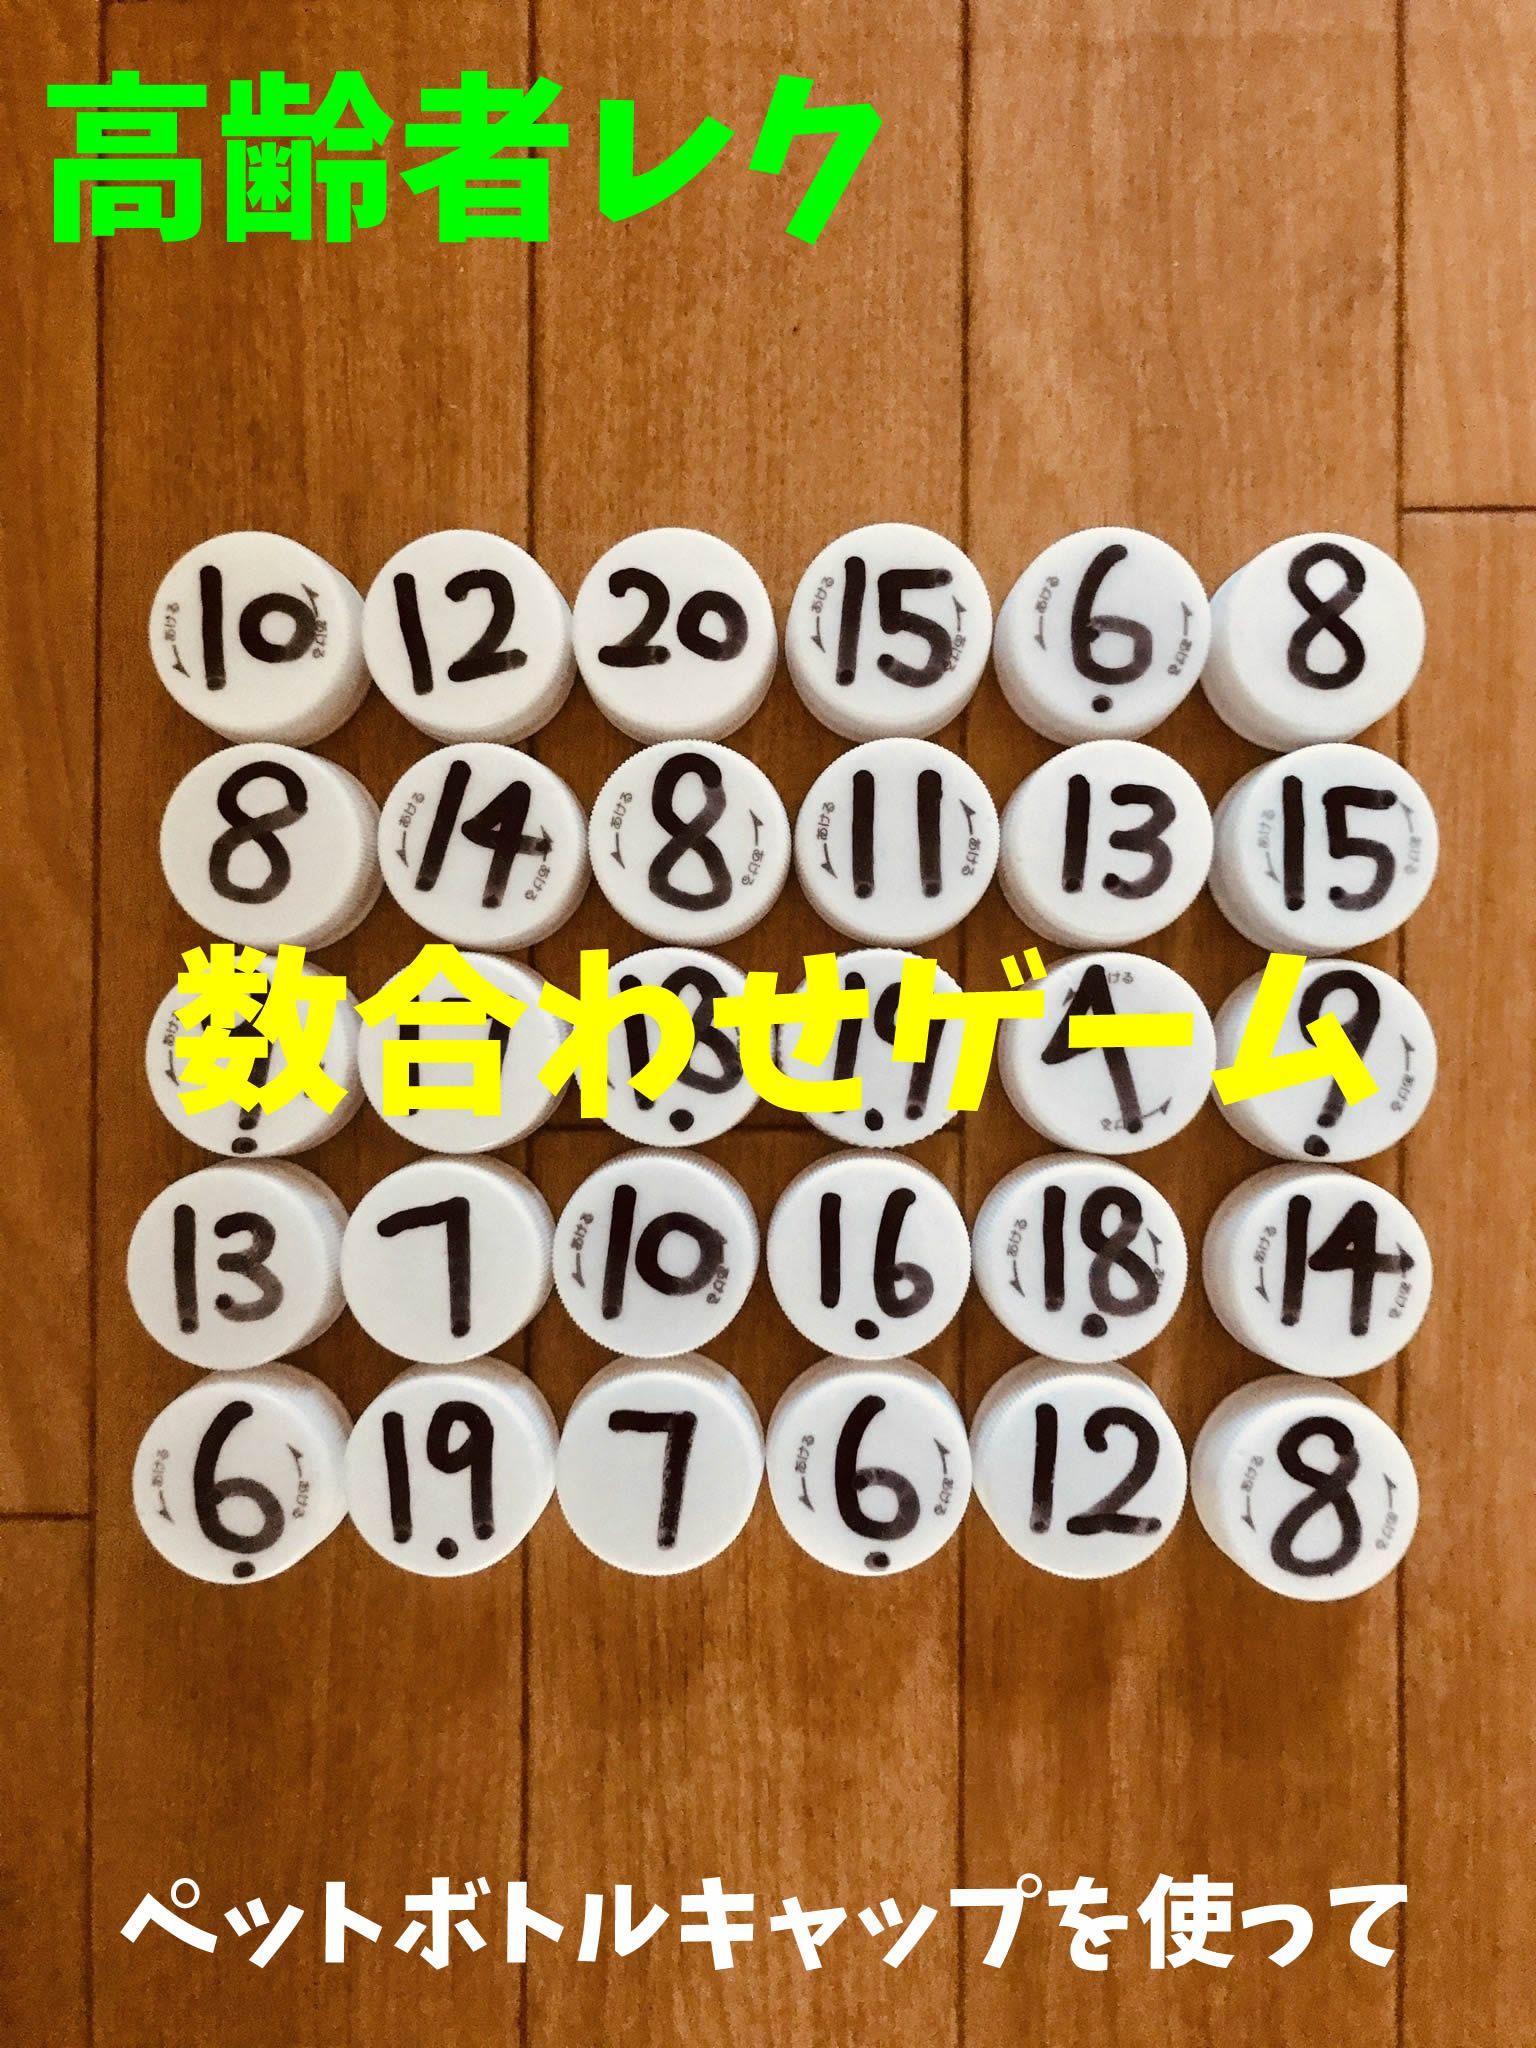 おはようござい鱒 優っくり小規模多機能介護池尻 さんのサイトで紹介されている 数合わせゲーム です 遊び方表に書かれた数字と ペットボトルのふたに書かれた数字を合わせていくゲームです 準備するもの ペットボトルキャップ 介護 ペットボトルの